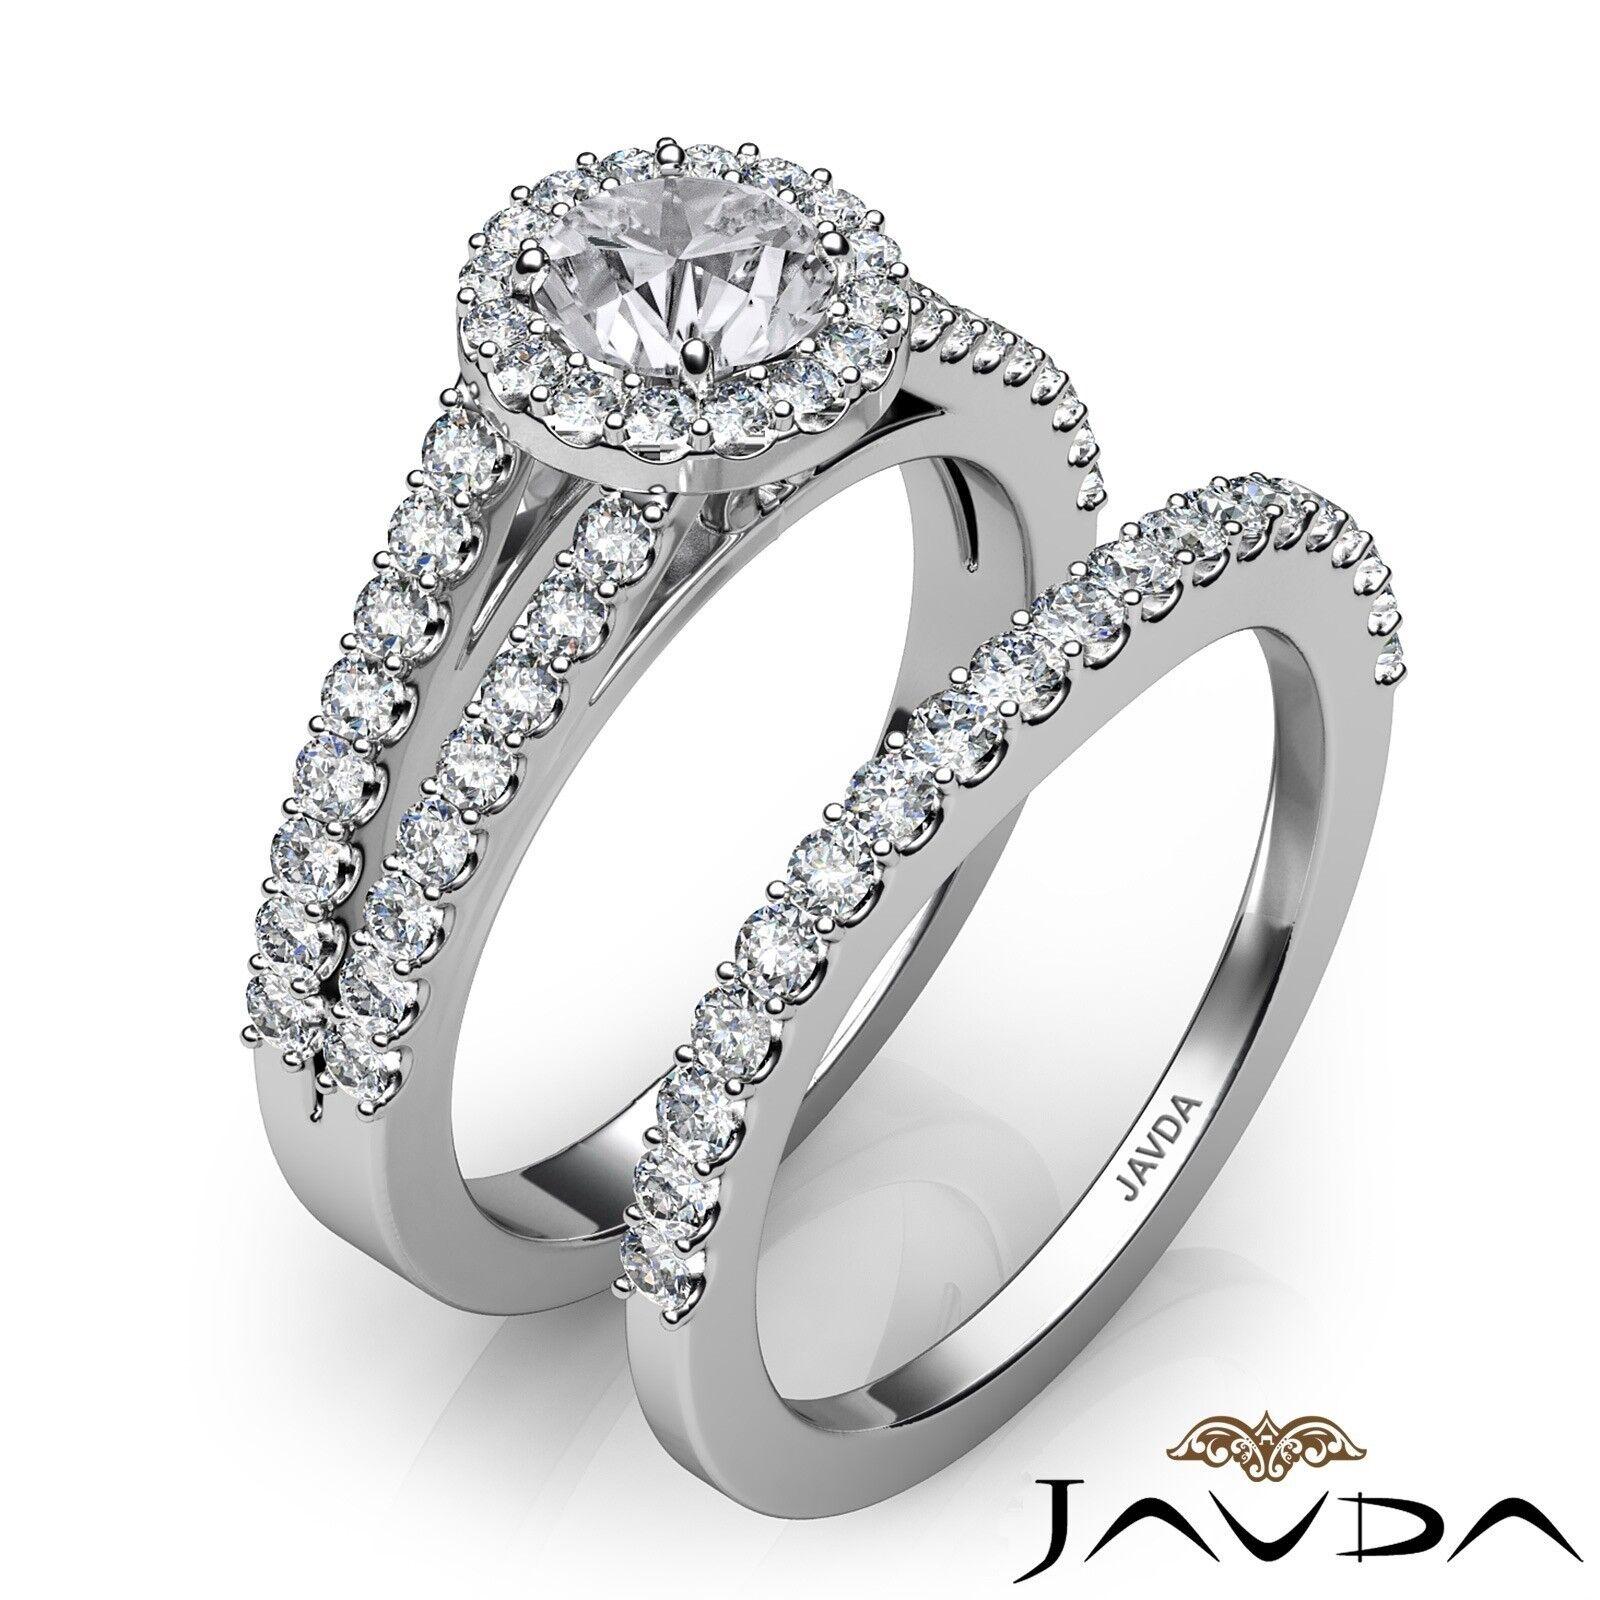 1.65ctw Luxurious Wedding Bridal Round Diamond Engagement Ring GIA E-VVS2 W Gold 2